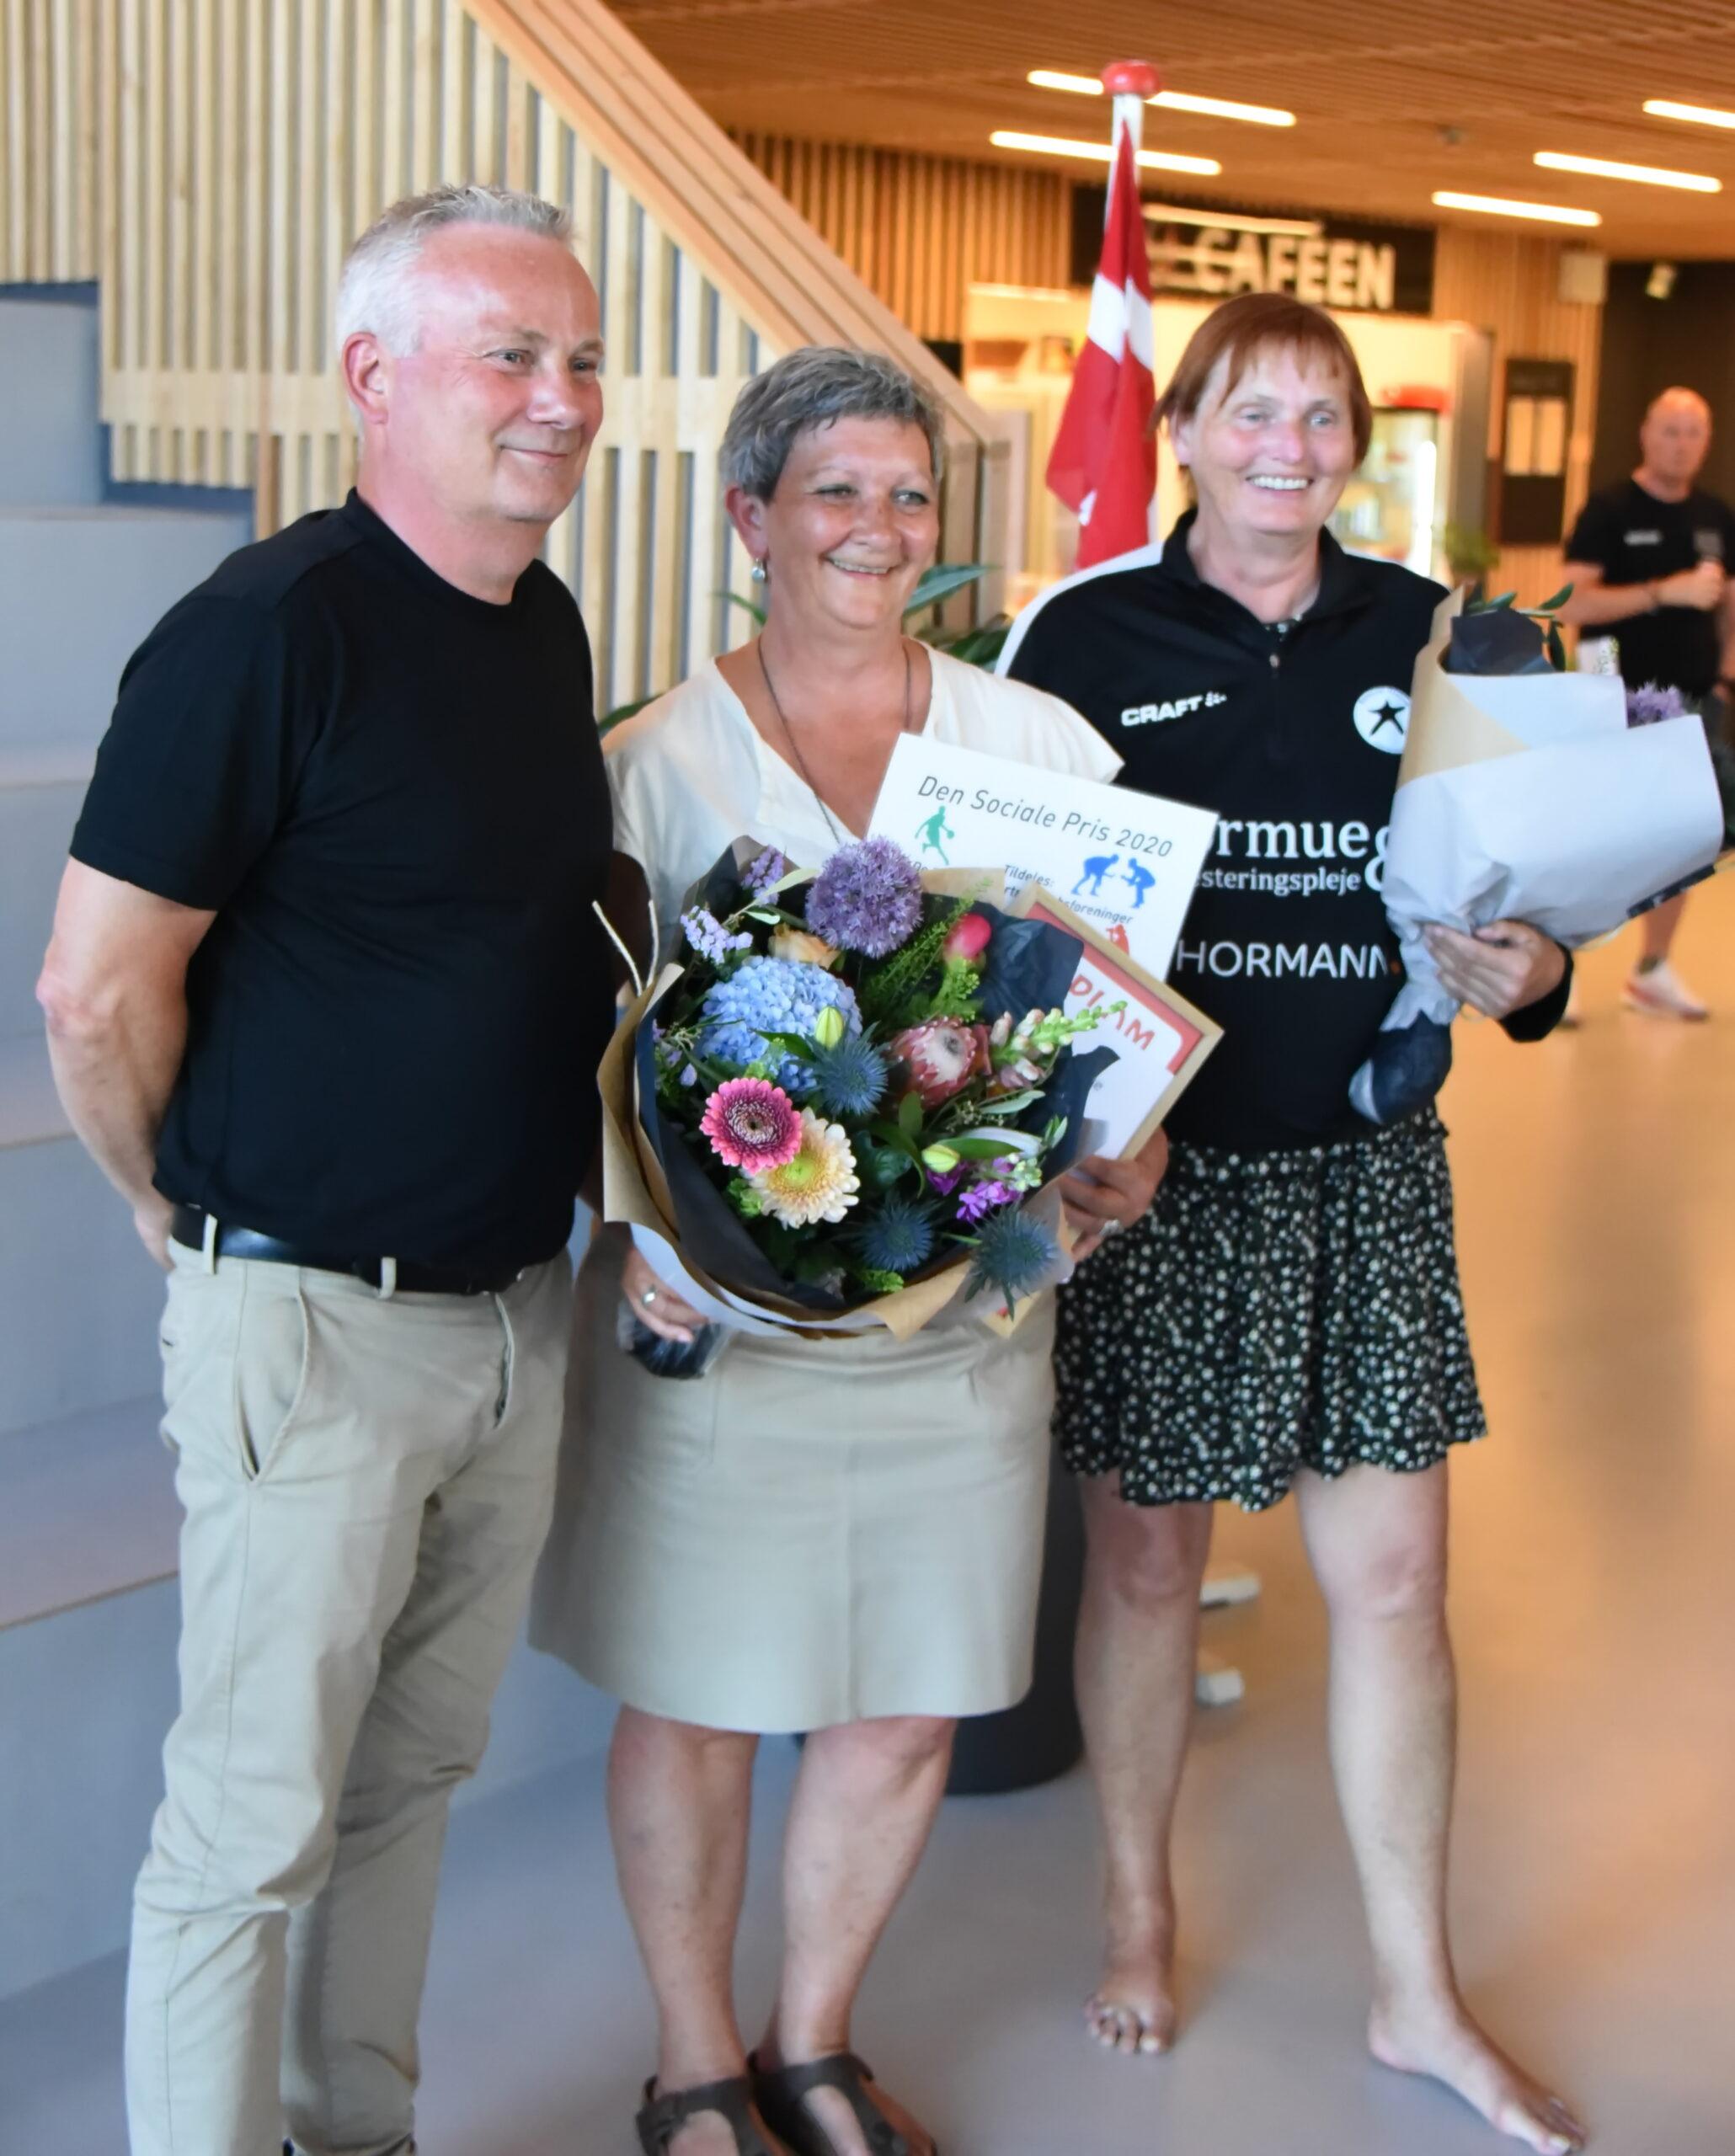 Roskilde Kommune & RIU Sociale Pris